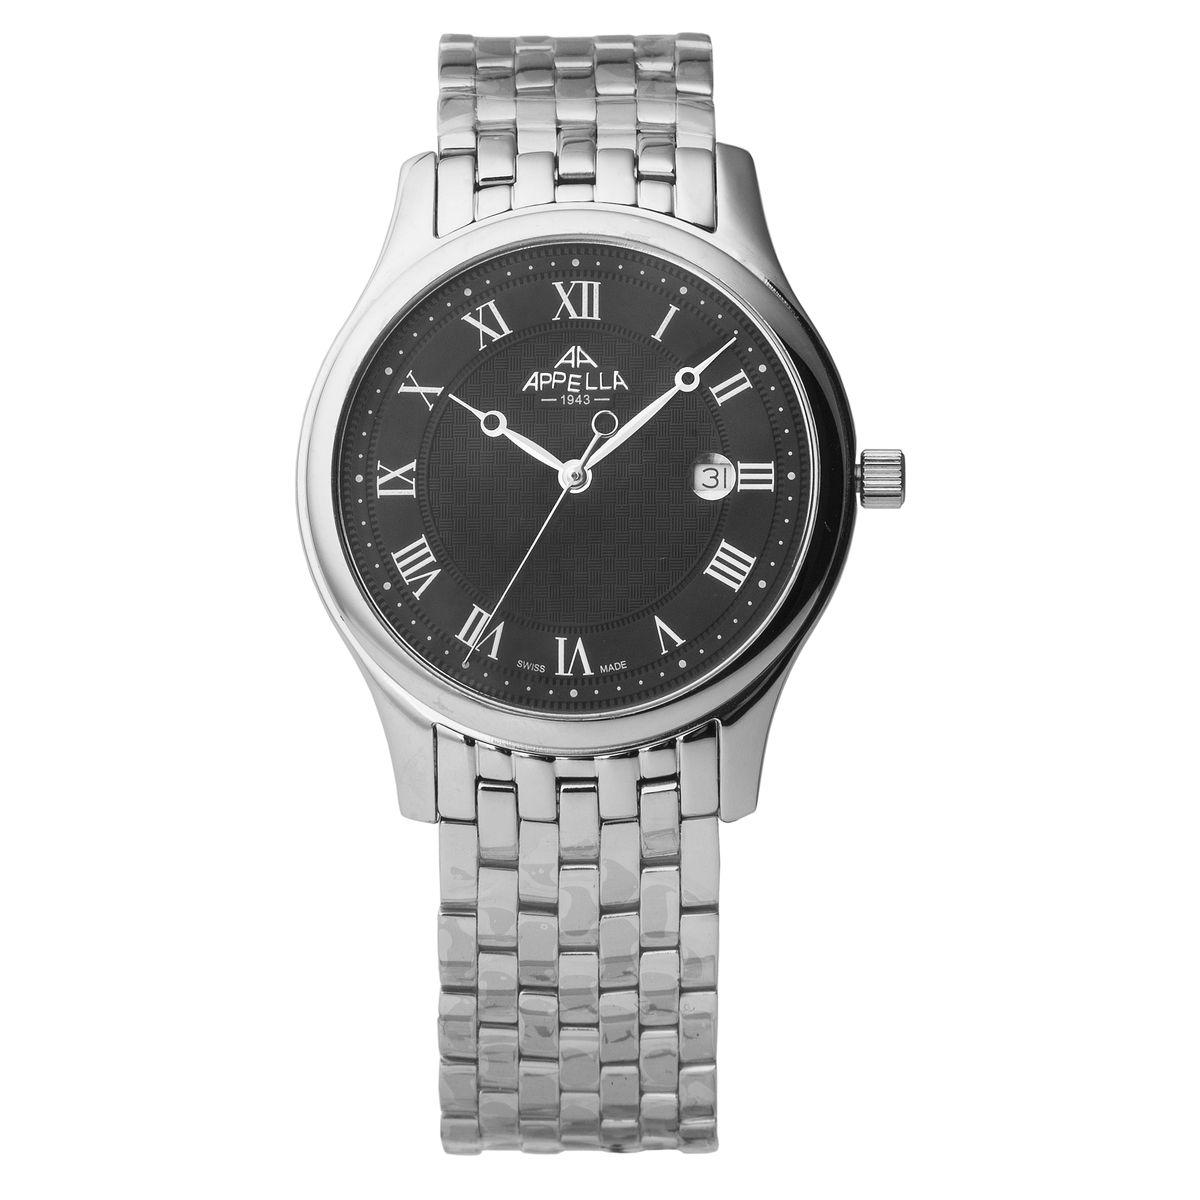 Наручные часы мужские Apella, цвет: стальной. A-4281-3004A-4281-3004Наручные женские часы. Материал-нержавеющая сталь.Кварцевый механизм, производство Швейцария.